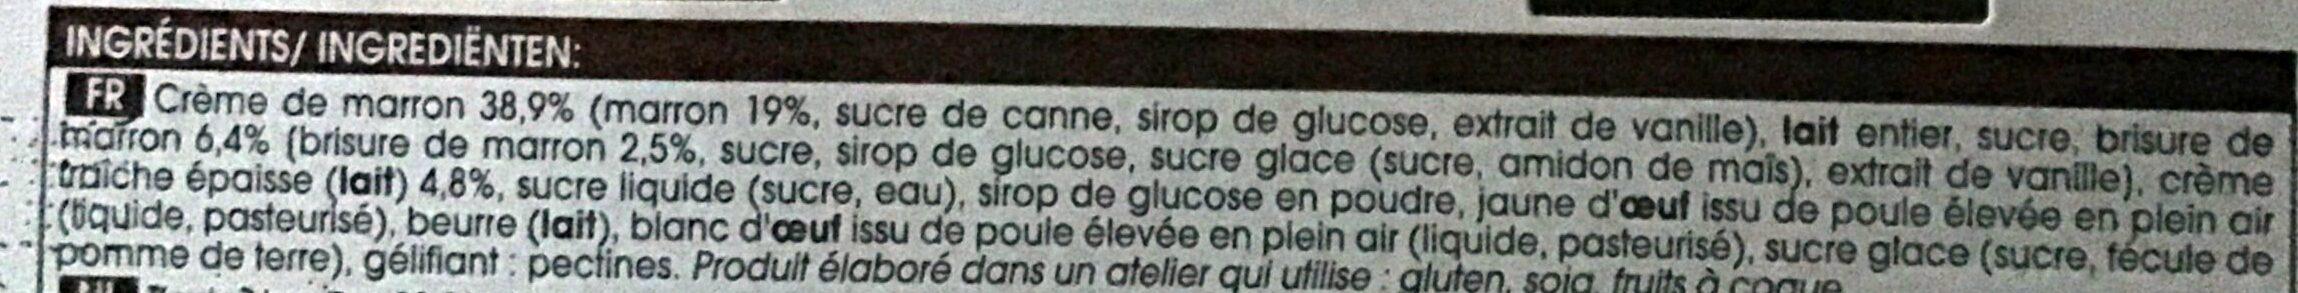 Creme glacee de marron - Ingrédients - fr